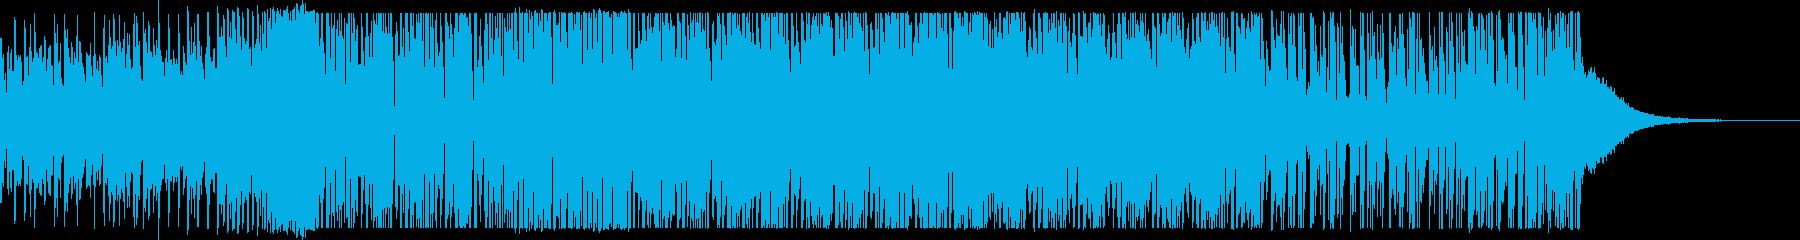 EDMテイストのインパクトのあるメロディの再生済みの波形